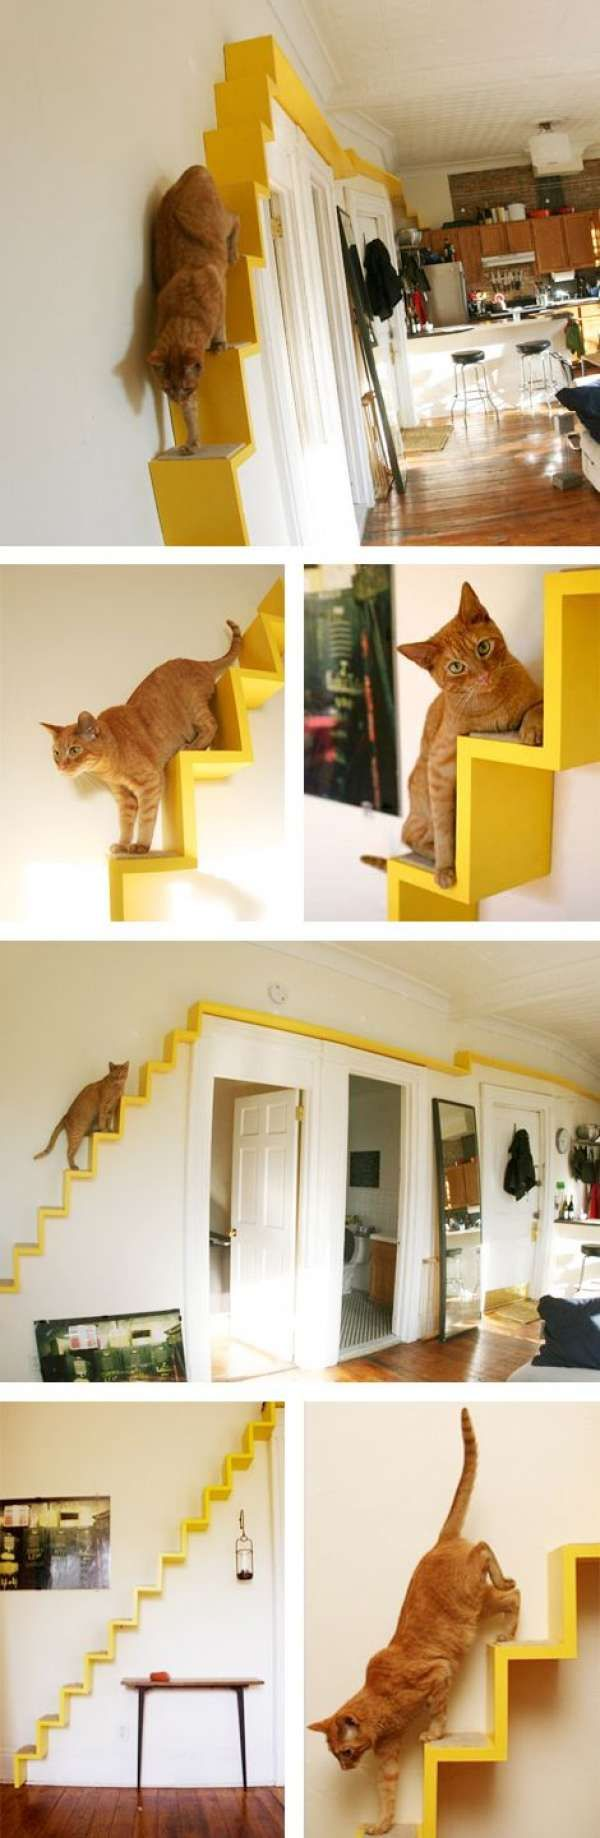 27 supers idées bricolage pour chats et chiens